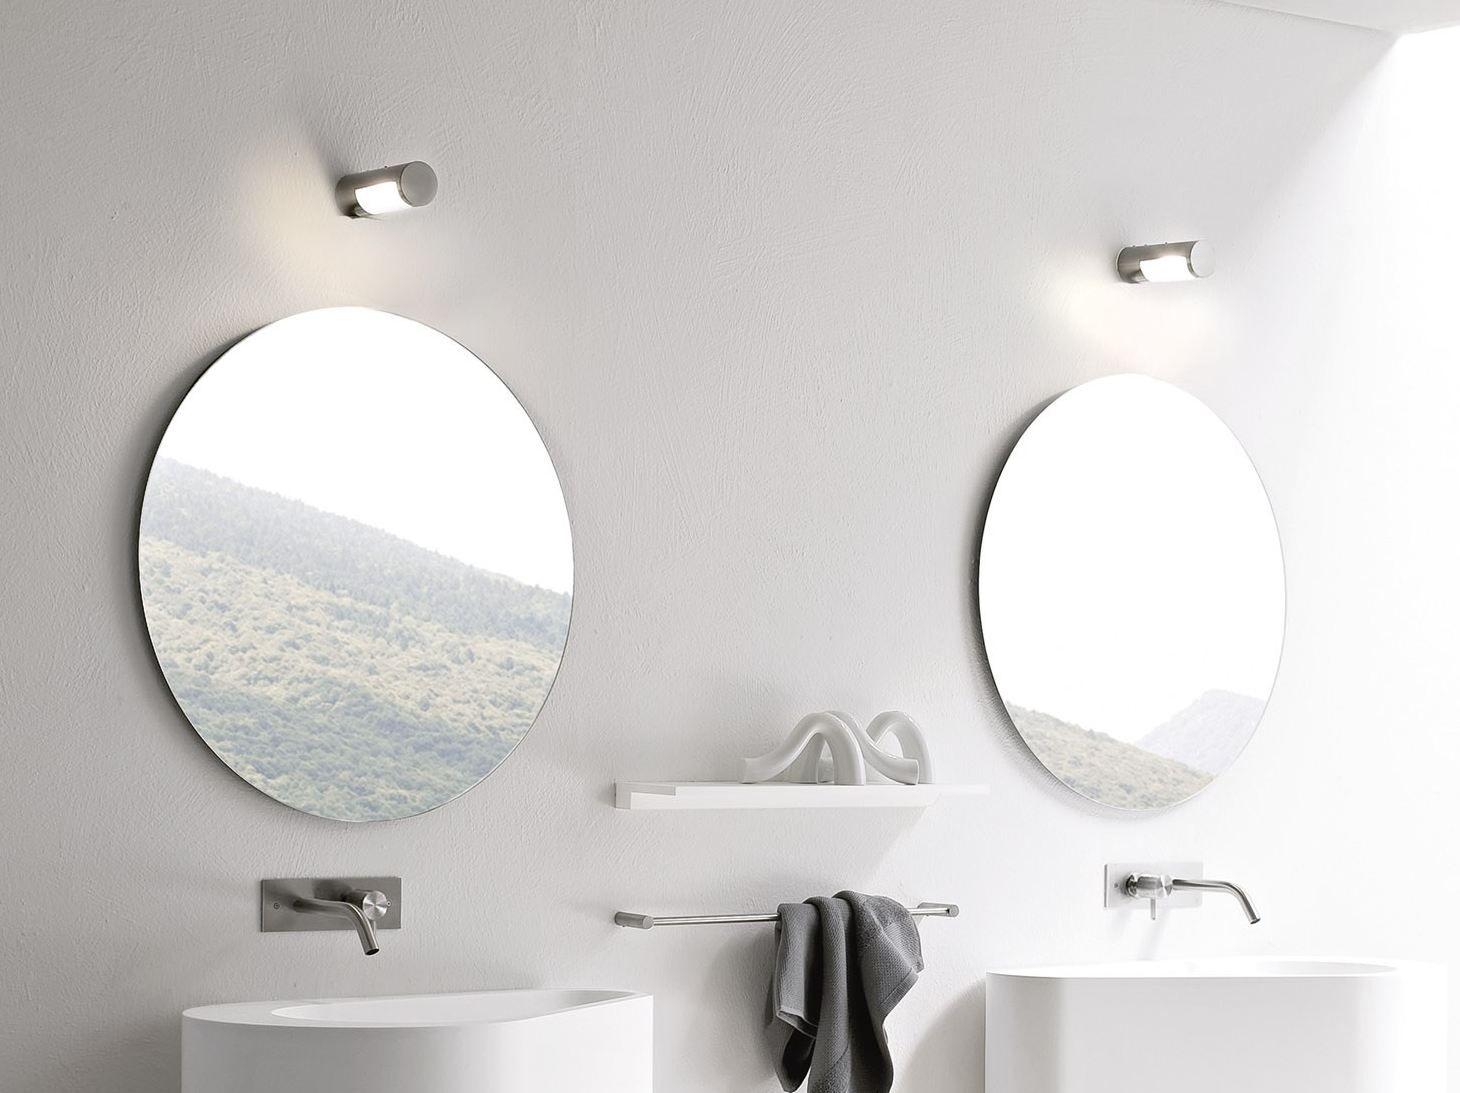 Specchio tondo bagno u2013 idea dimmagine di decorazione